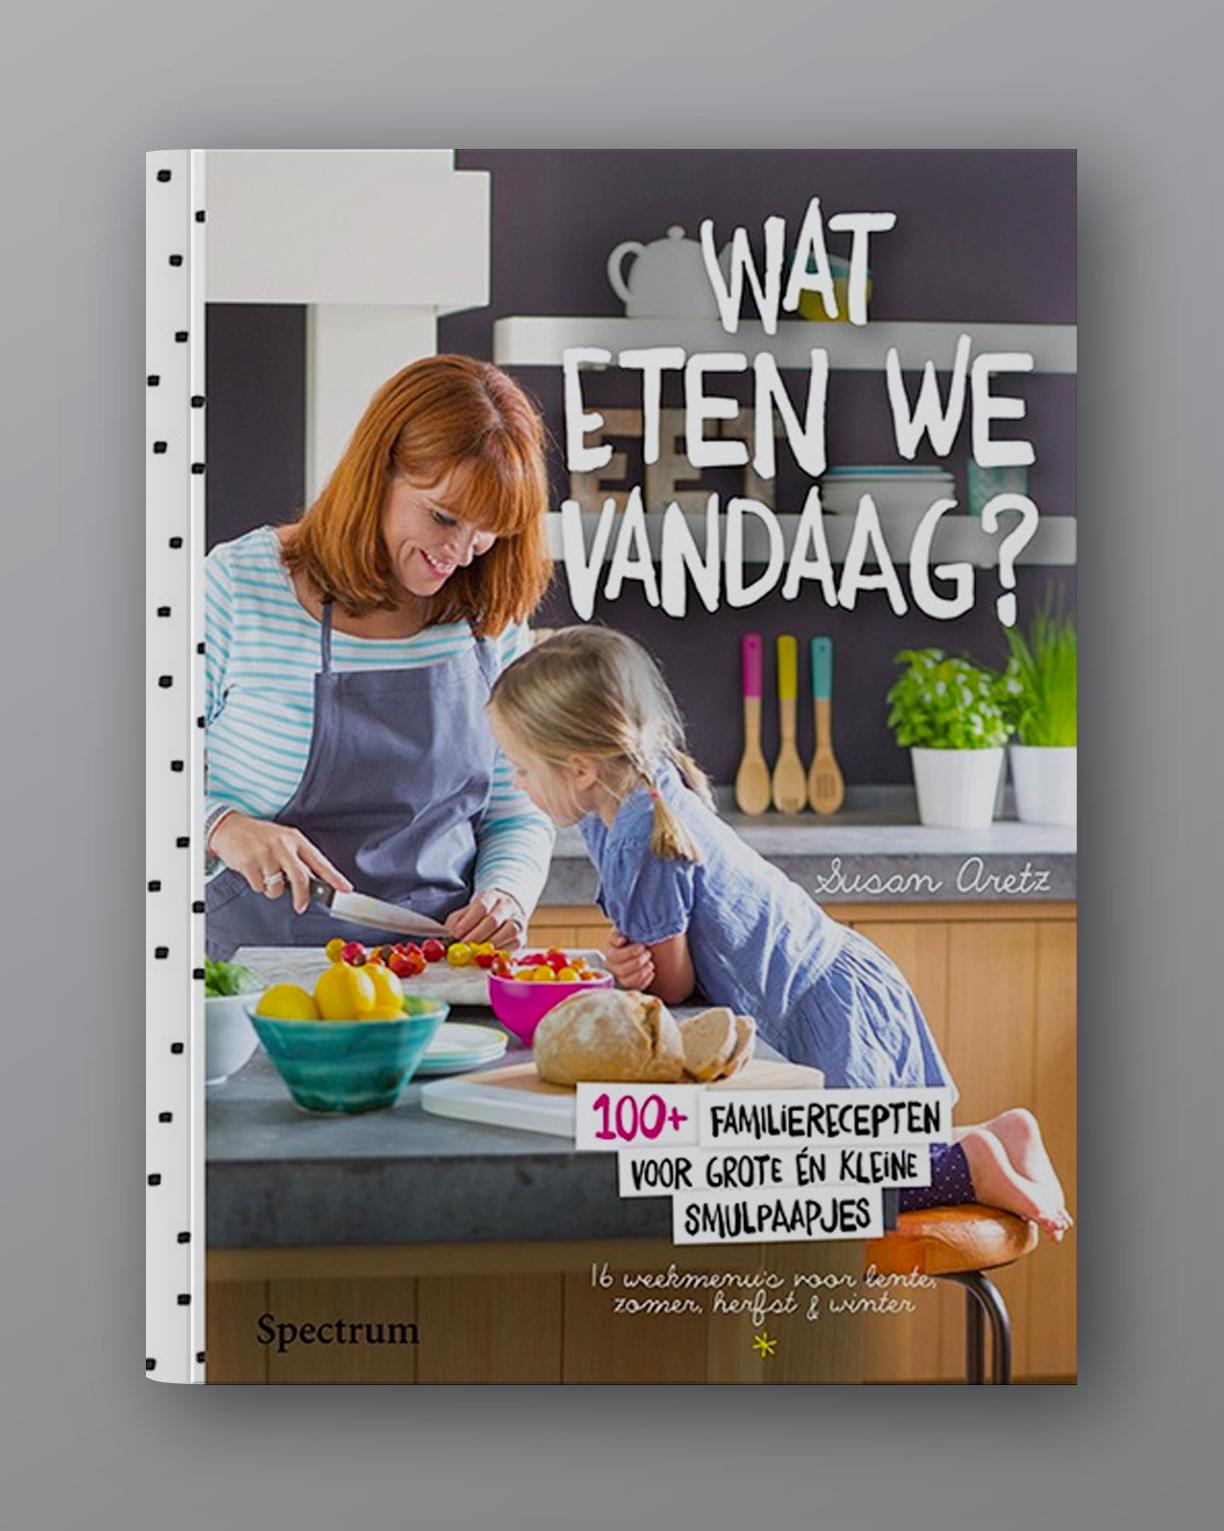 Susan-Aretz-WatEtenWeVandaag